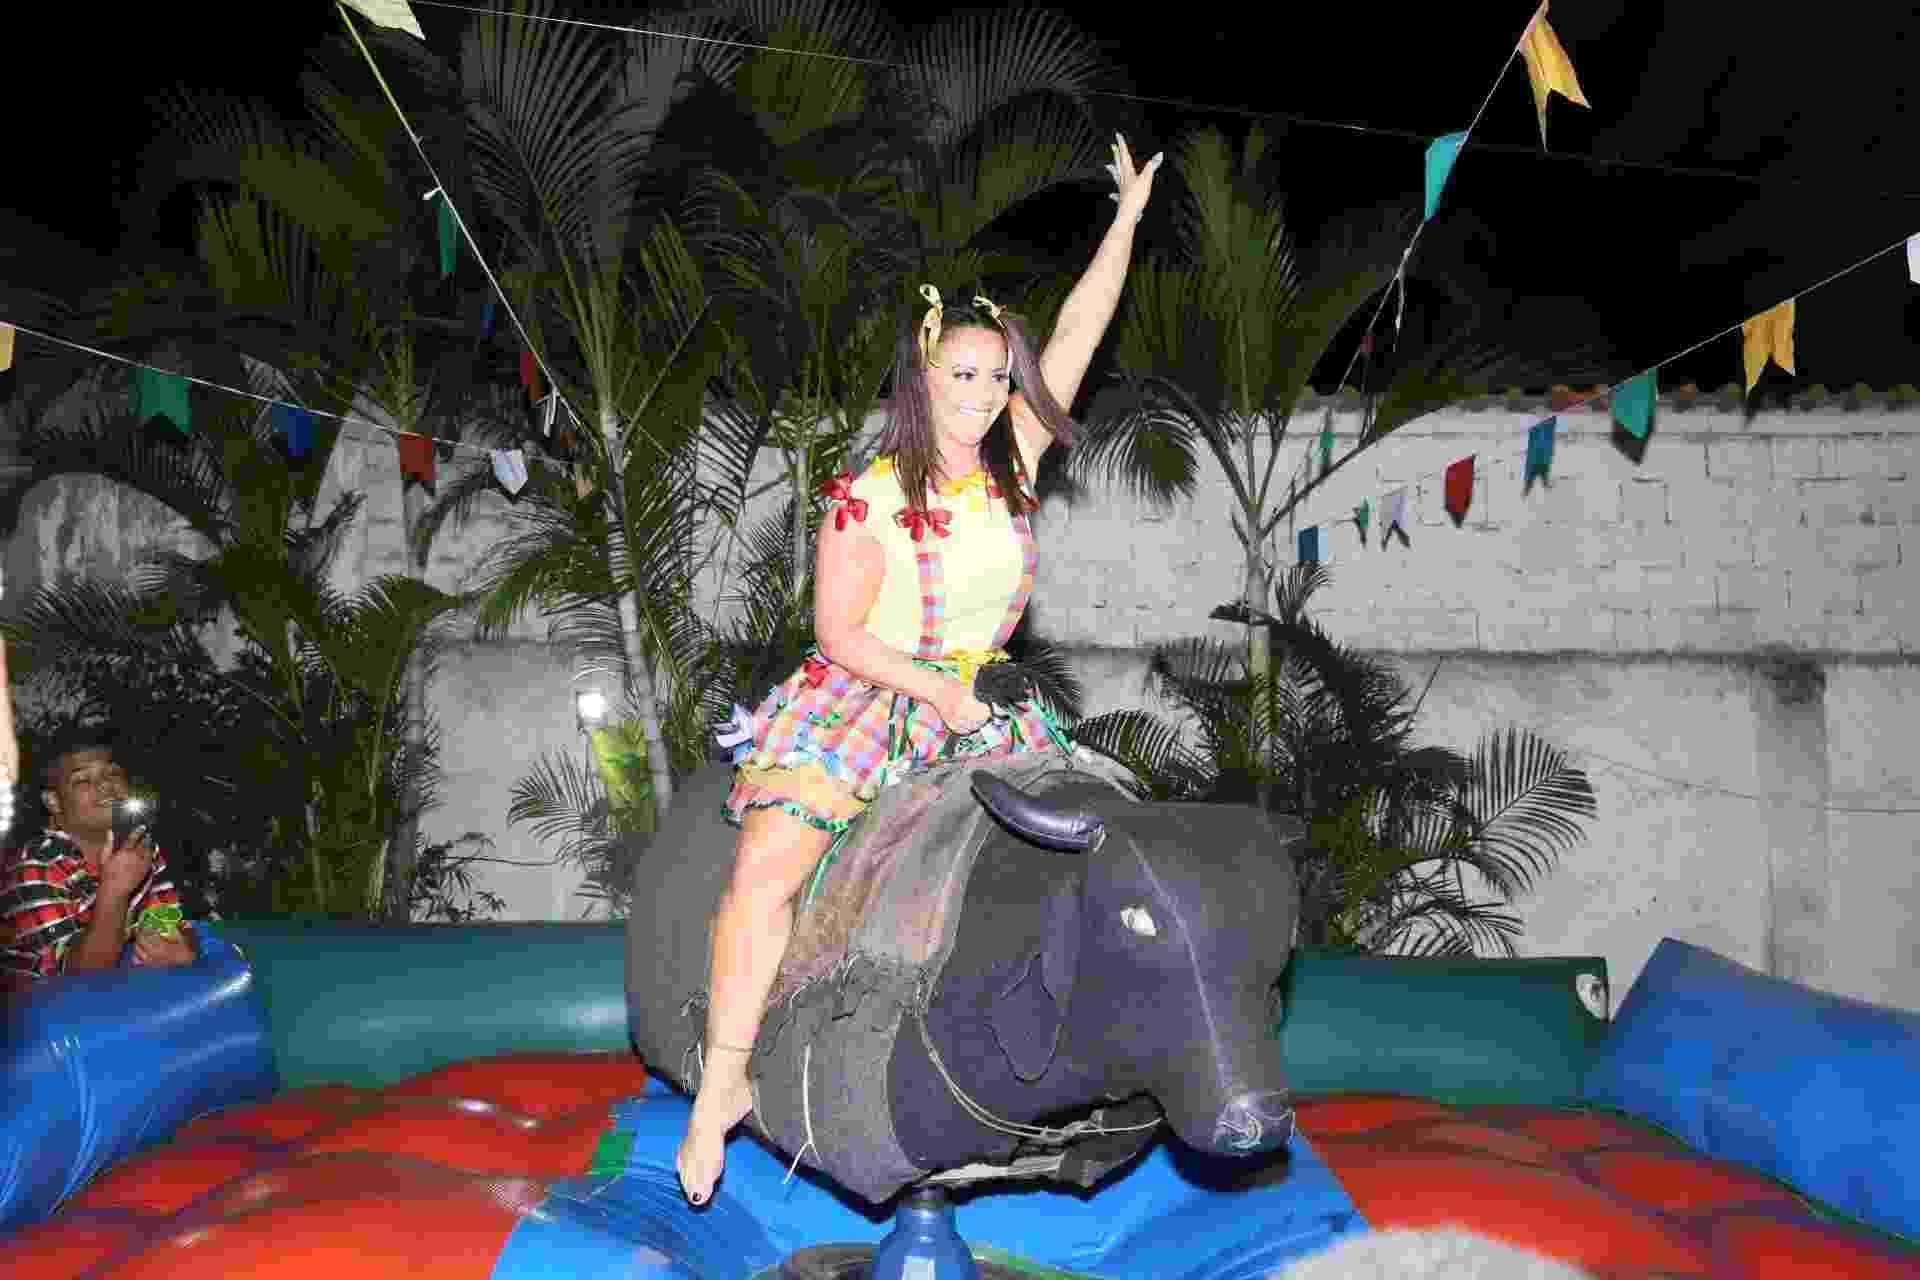 Viviane Araújo brinca em touro mecânico em arraiá organizado por seus fãs em Jacarepaguá, zona oeste do Rio, no domingo (29) - Anderson Borde/Ag.News